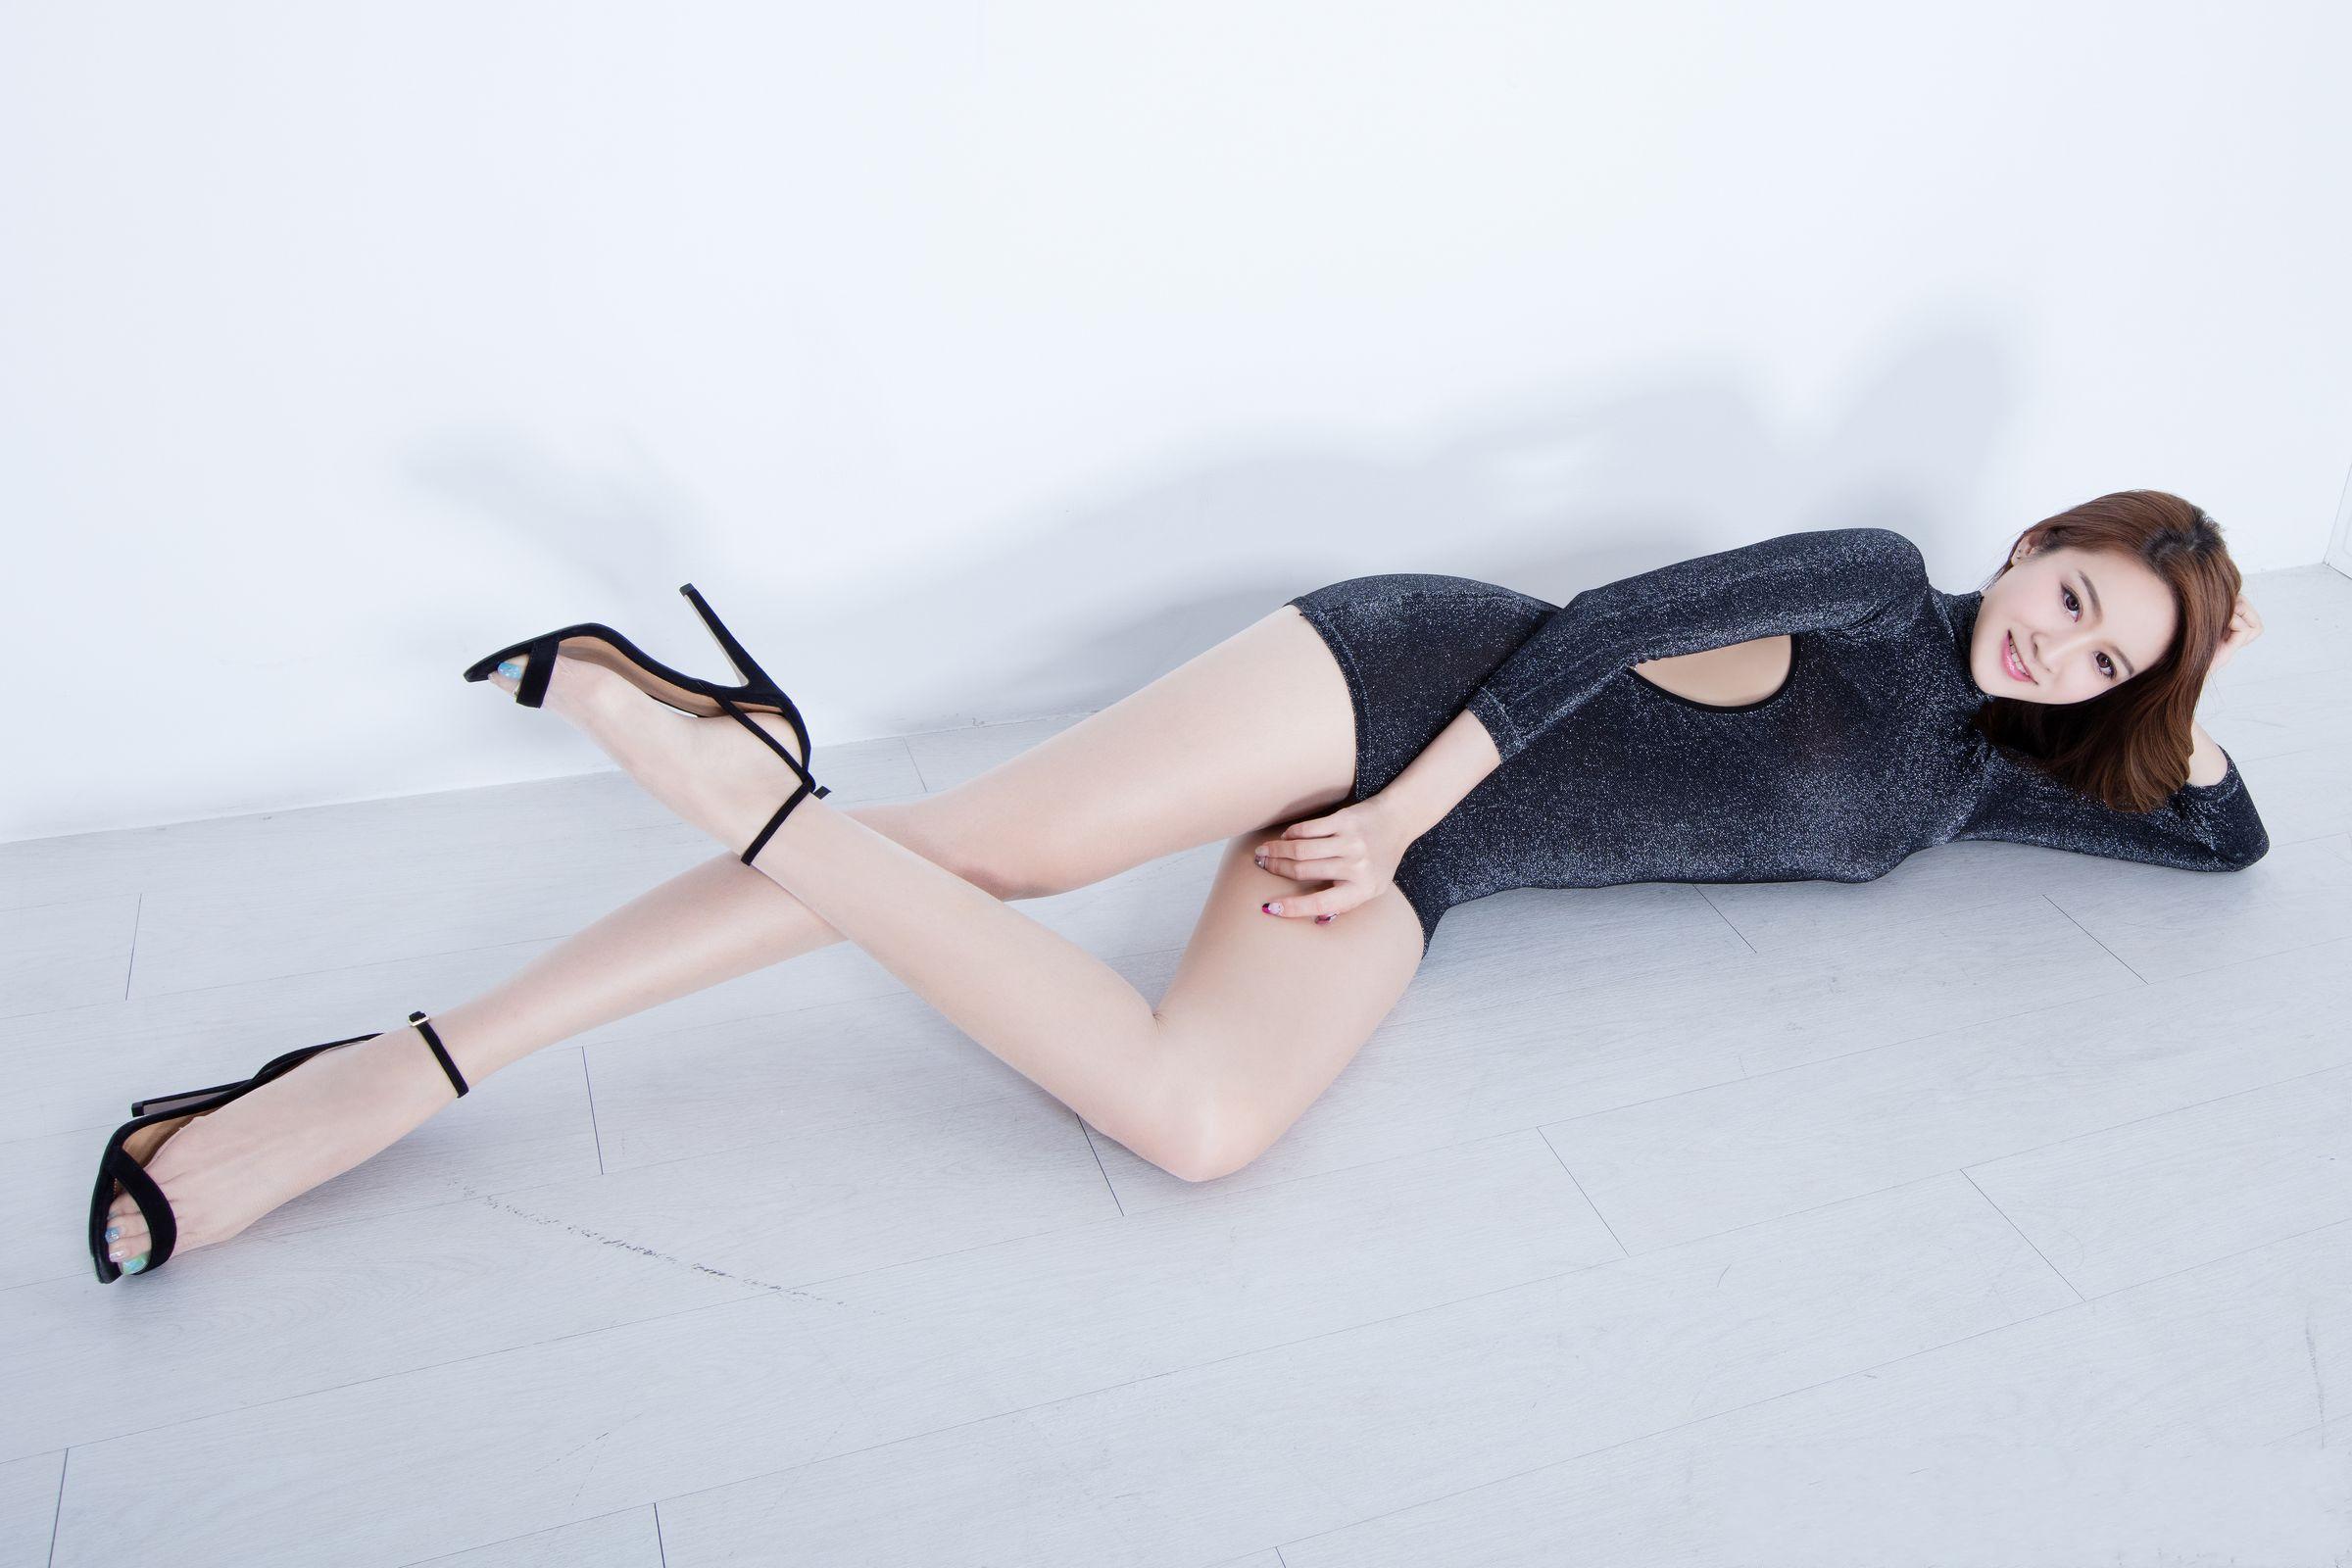 丽柜美模美腿秀3 - 花開有聲 - 花開有聲